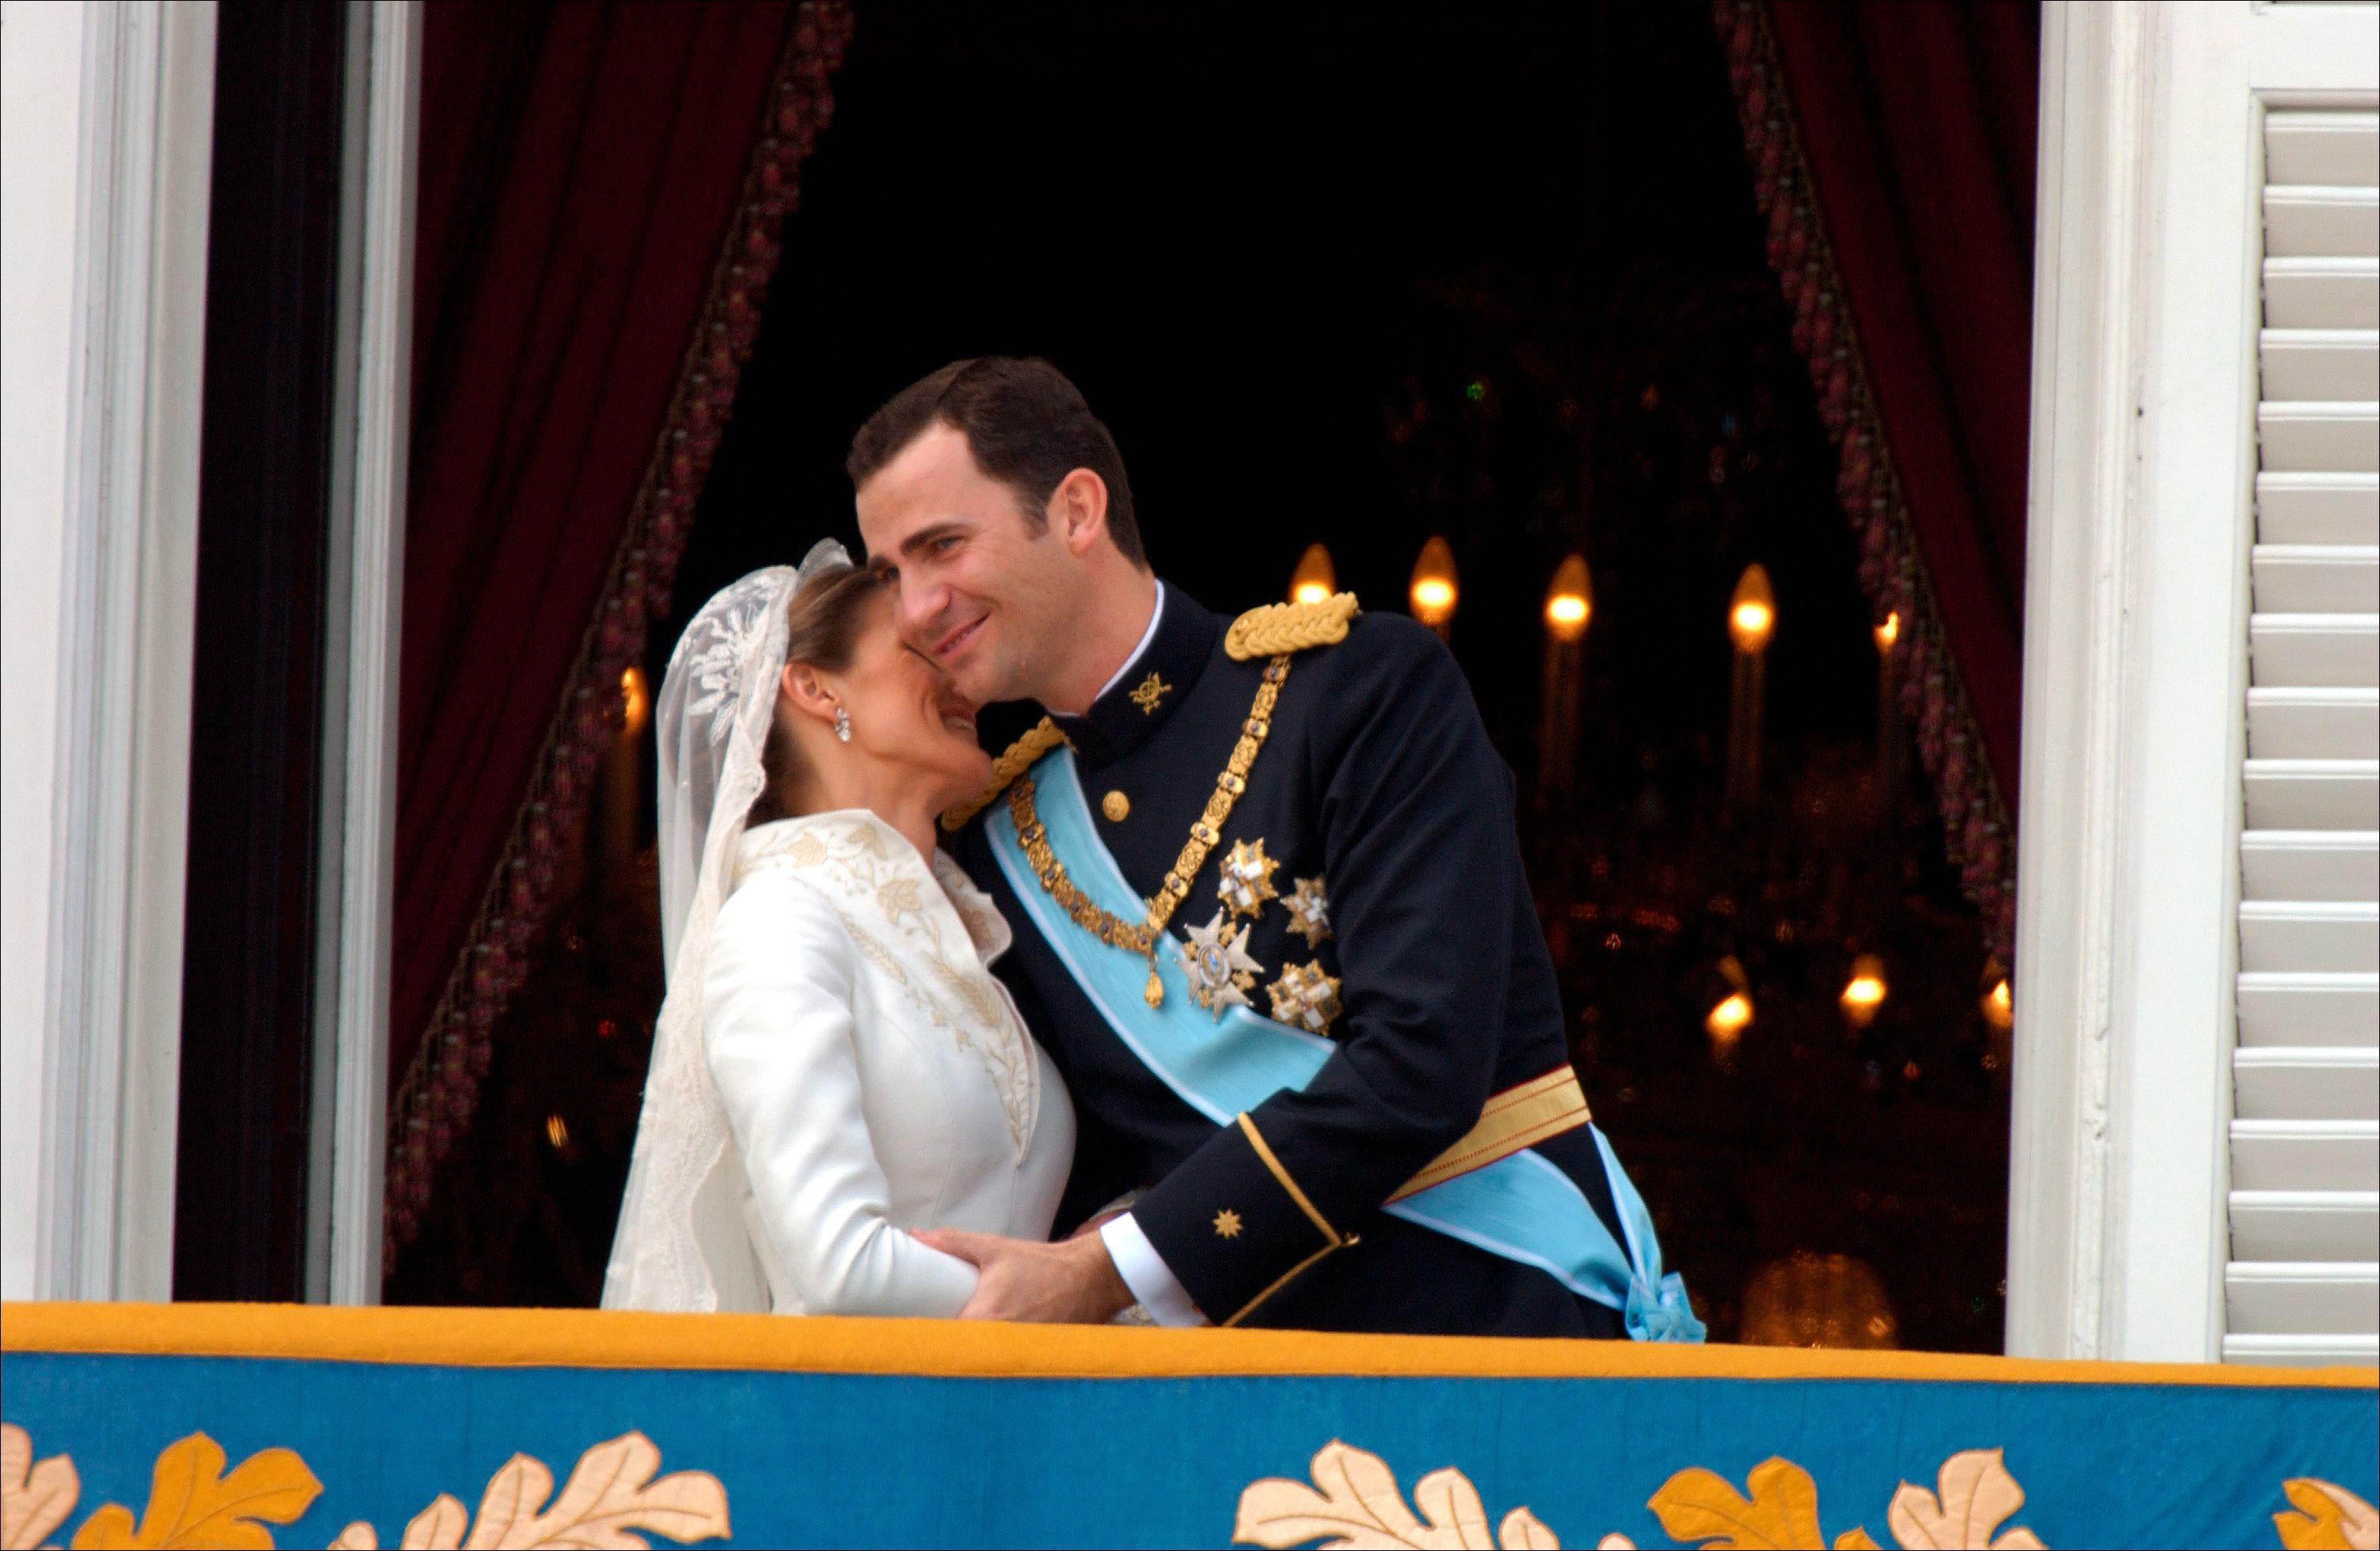 beso-de-los-recien-casados